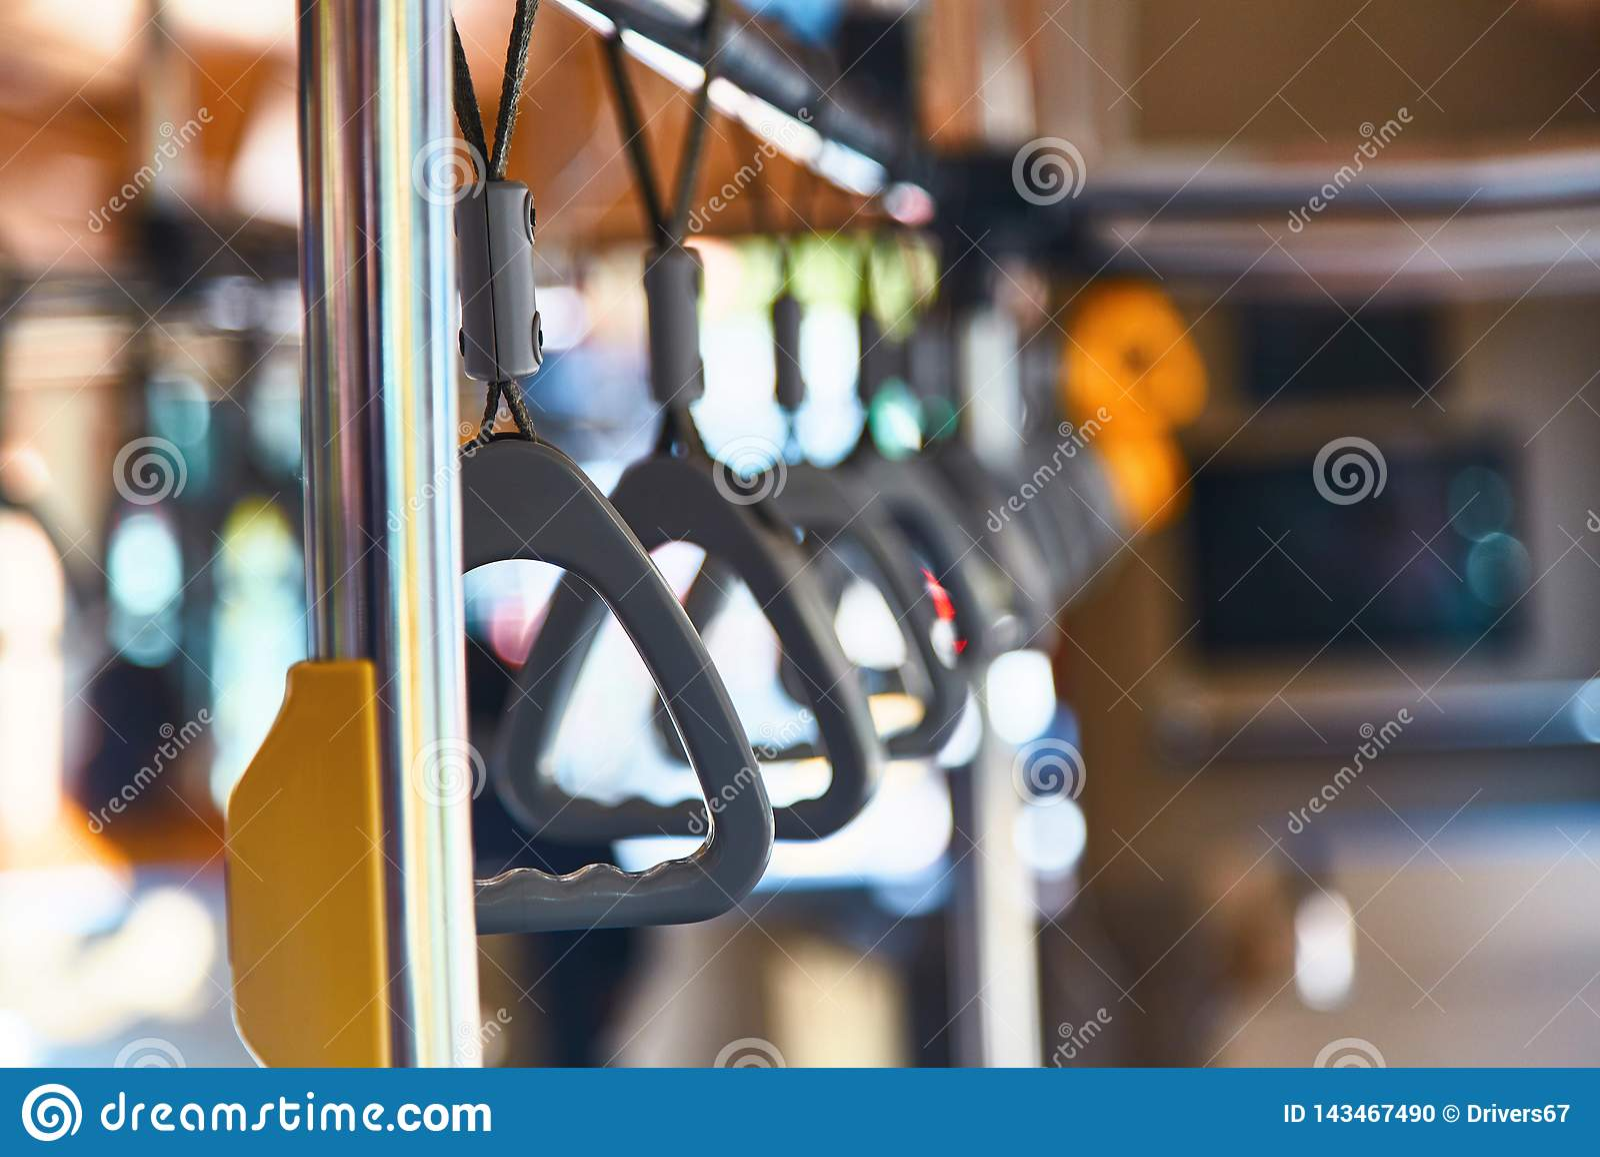 Corrimão no ônibus Laços no ônibus